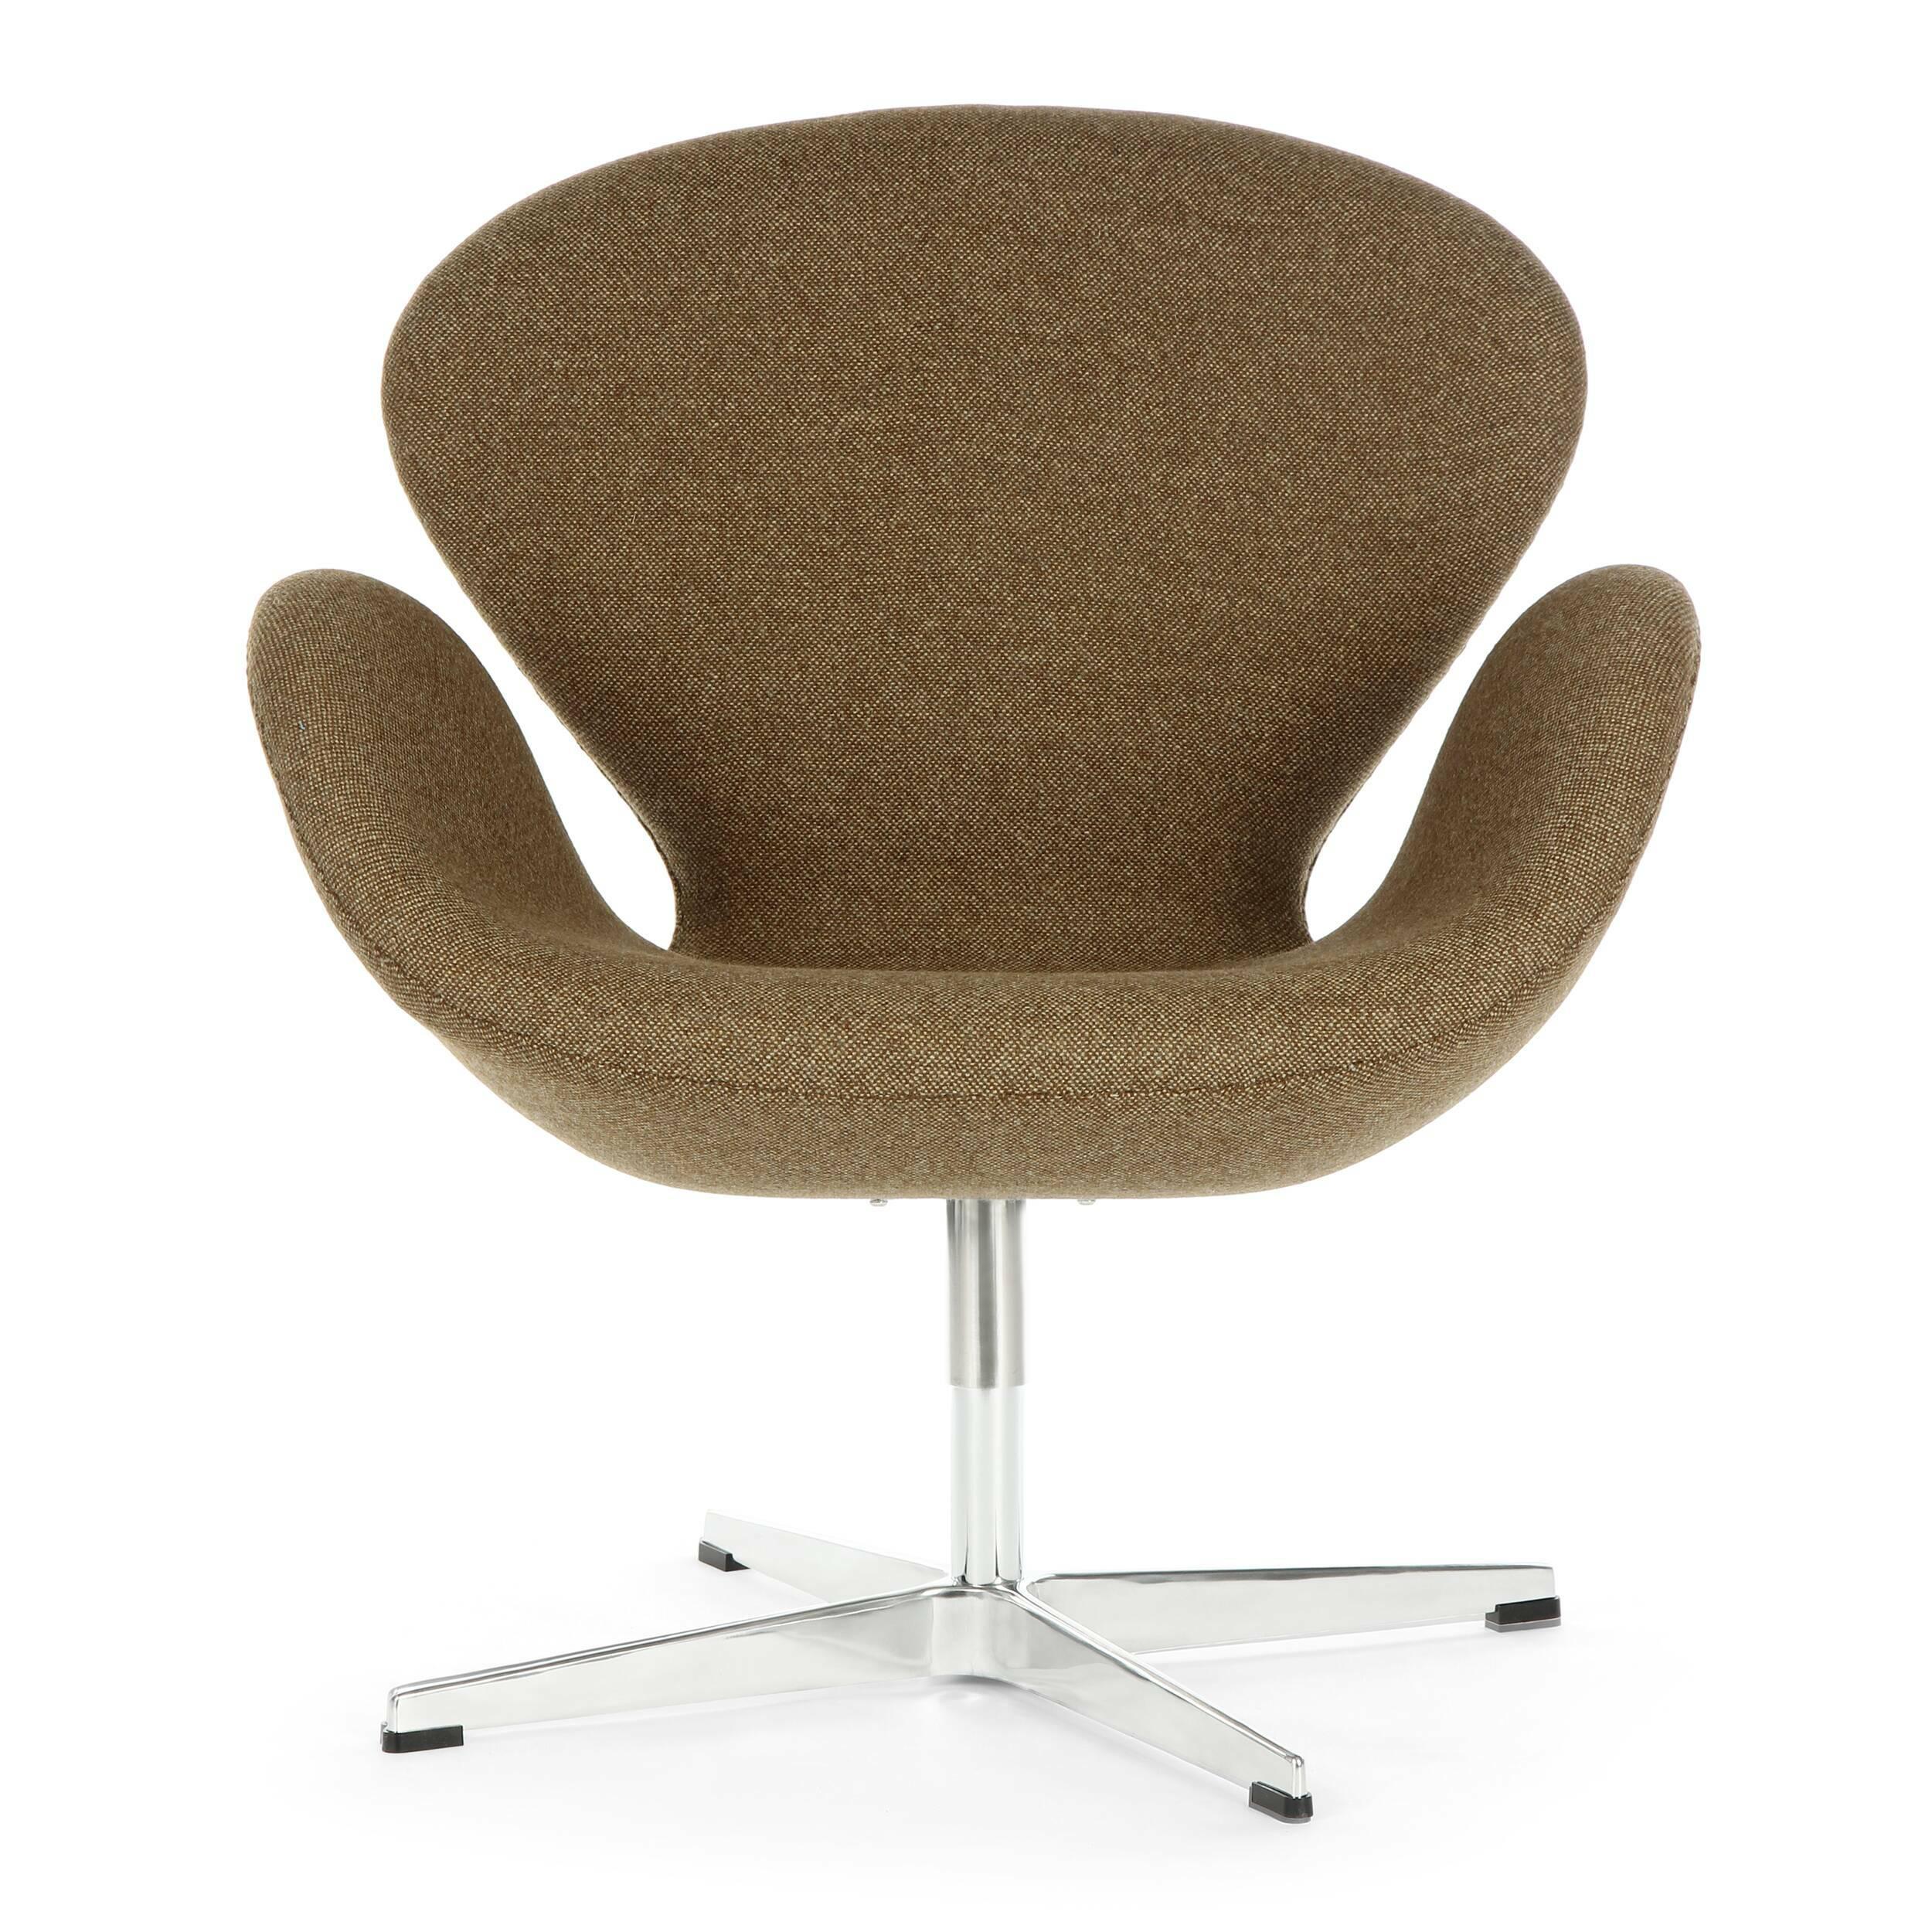 Кресло Cosmo 15579808 от Cosmorelax